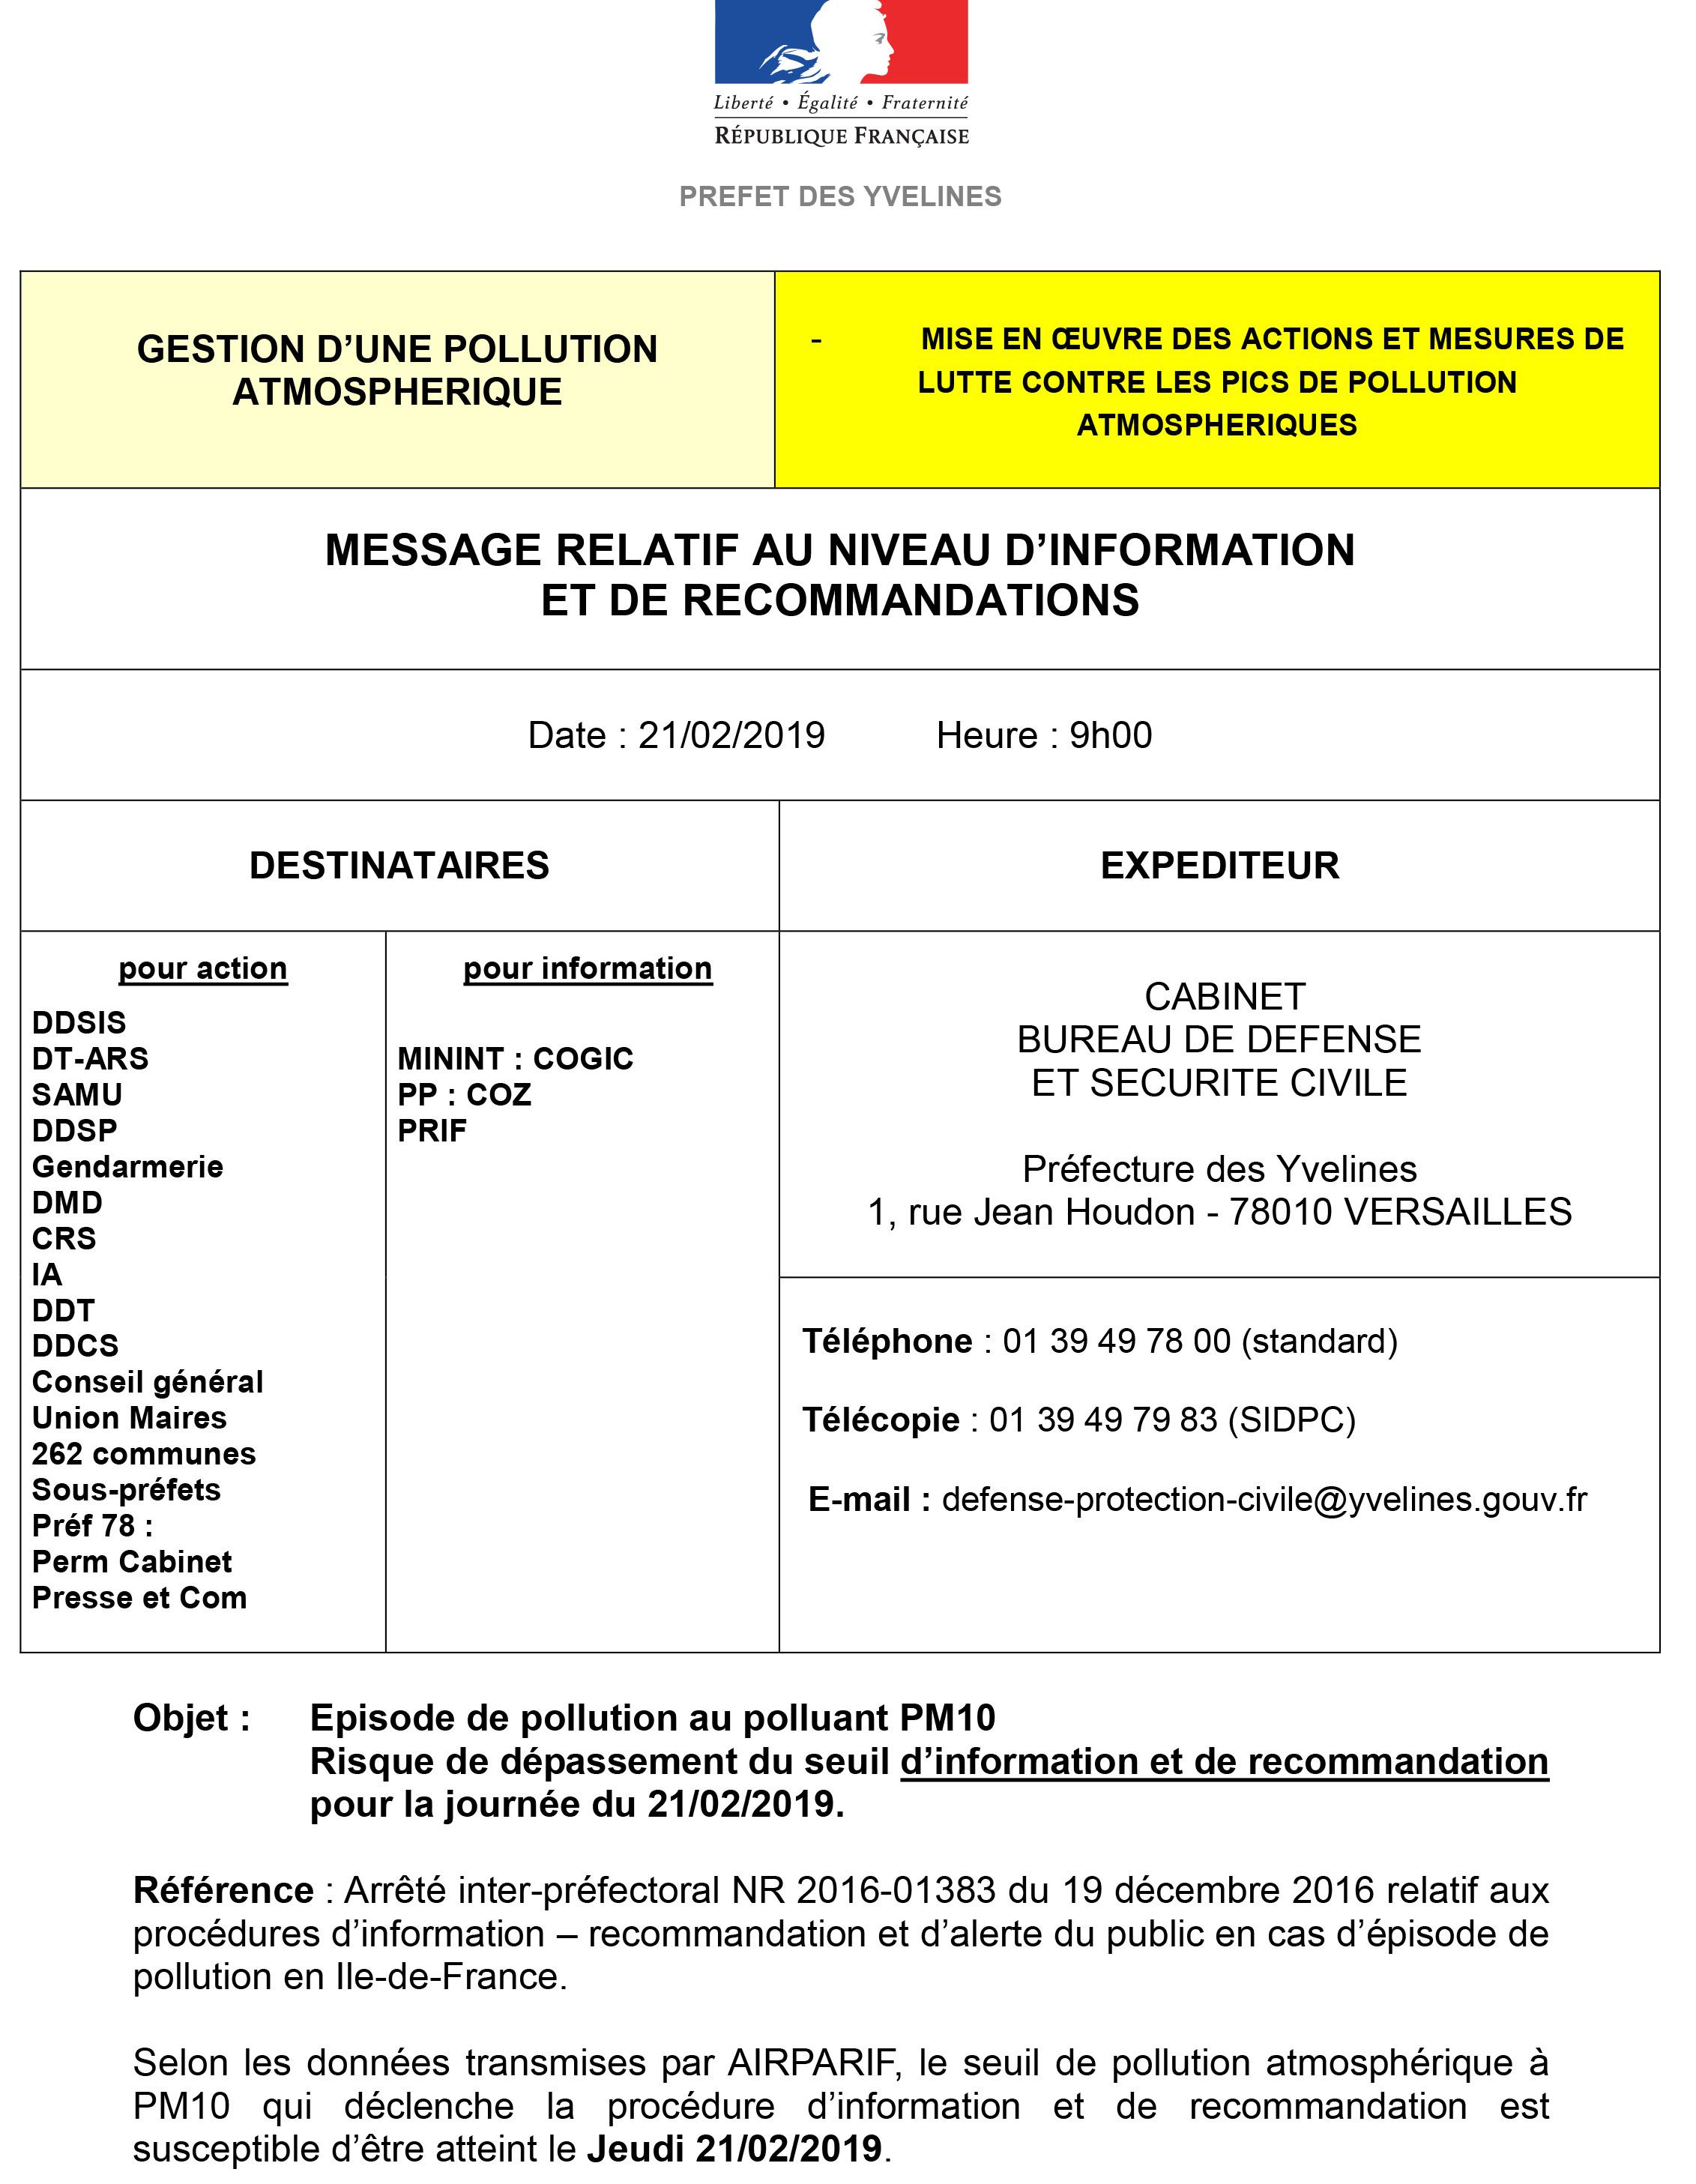 Message d'alerte de la préfecture des Yvelines relatif à la prévision de pollution à l'ozone